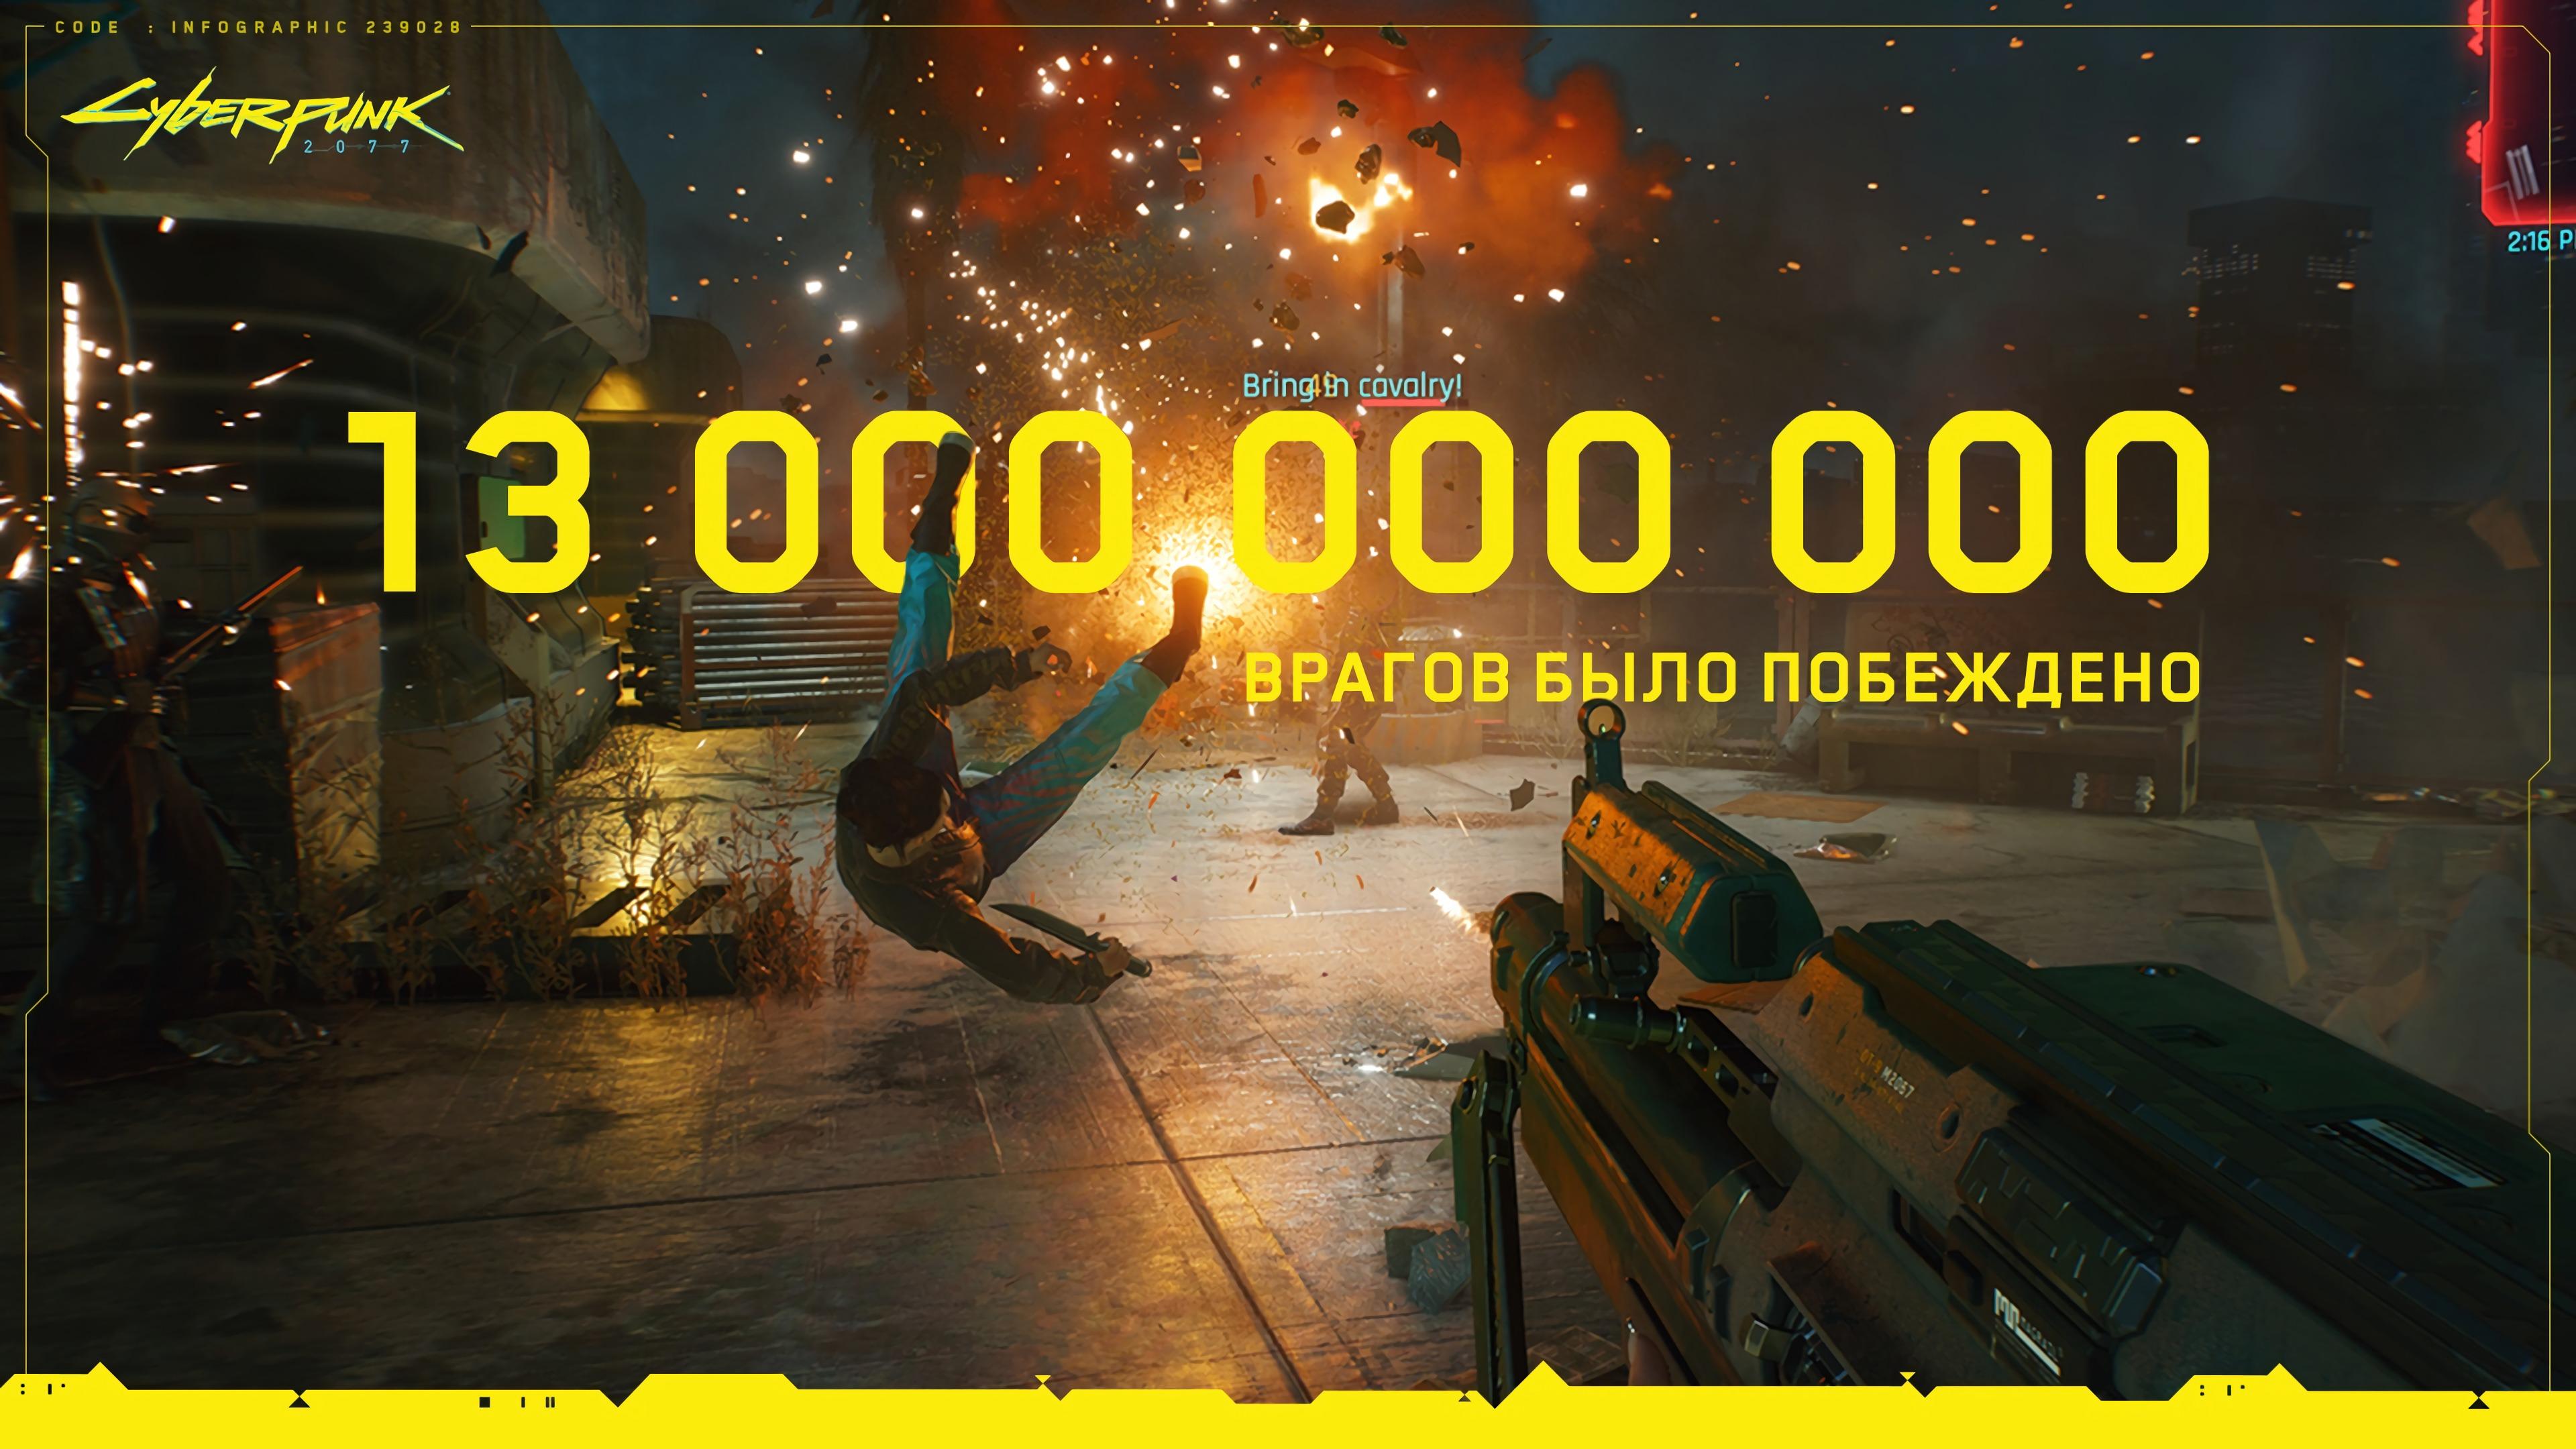 Игроки Cyberpunk 2077 убили 13 миллиардов NPC